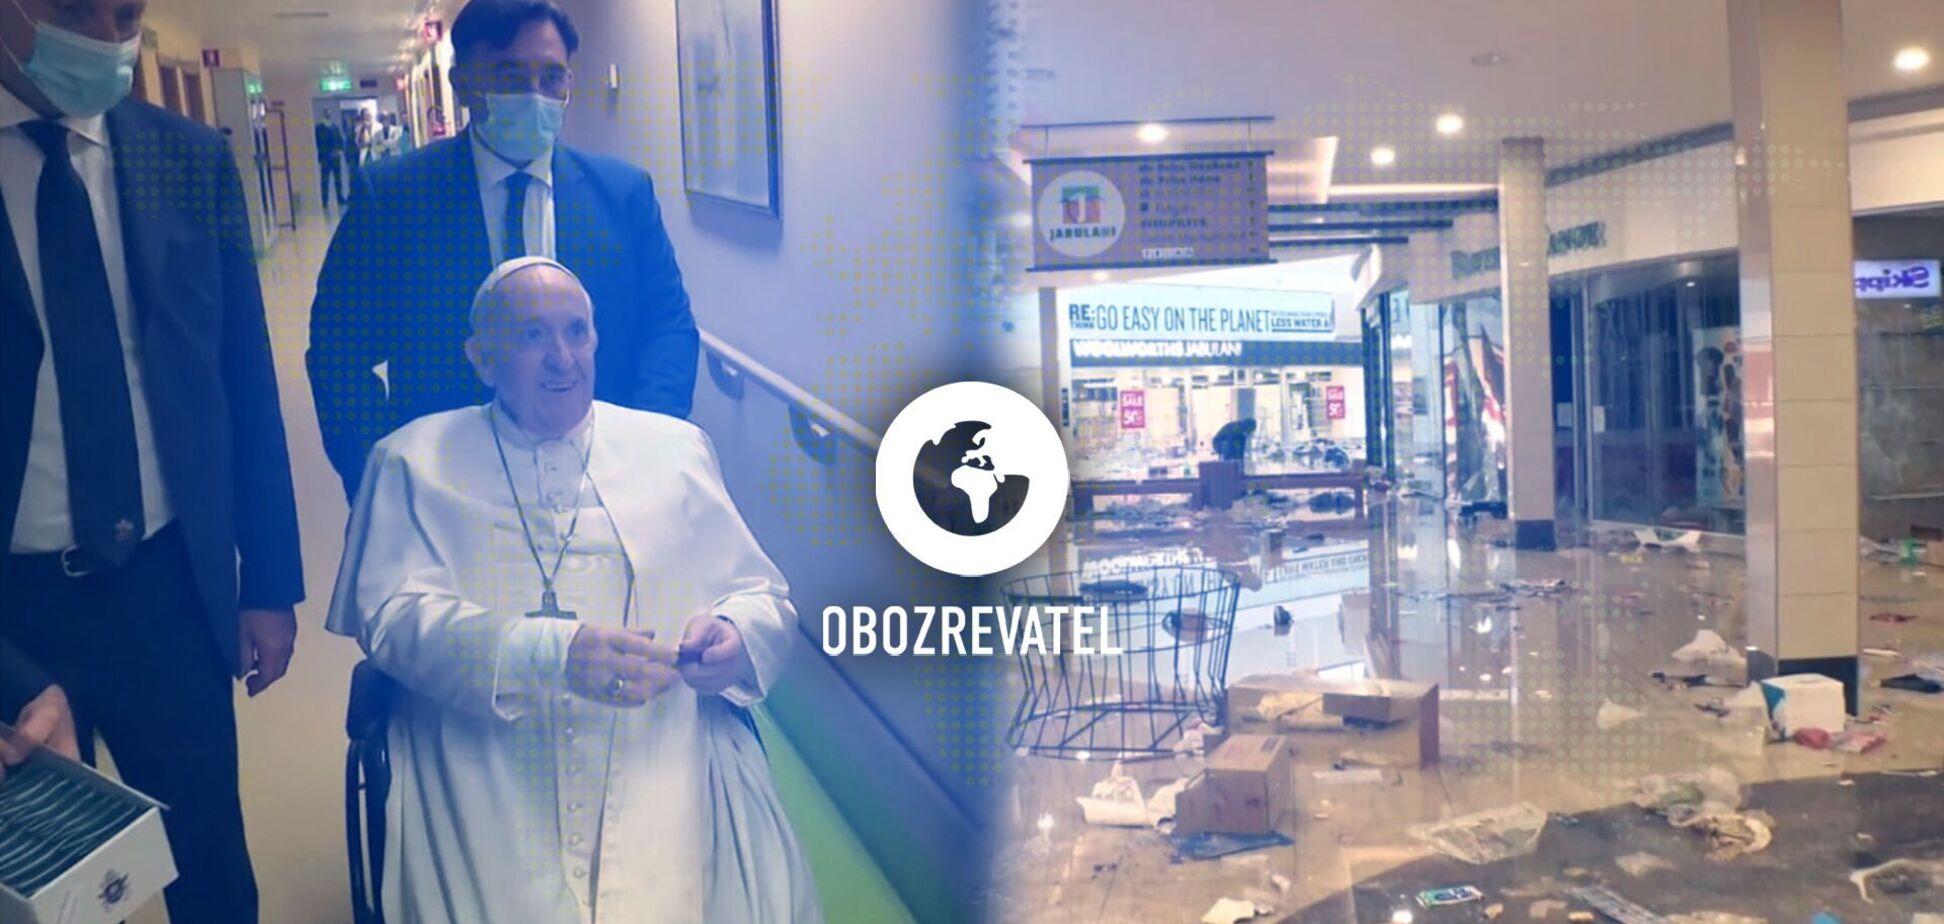 Массовые беспорядки в ЮАР и выздоровление Папы Римского – дайджест международных событий